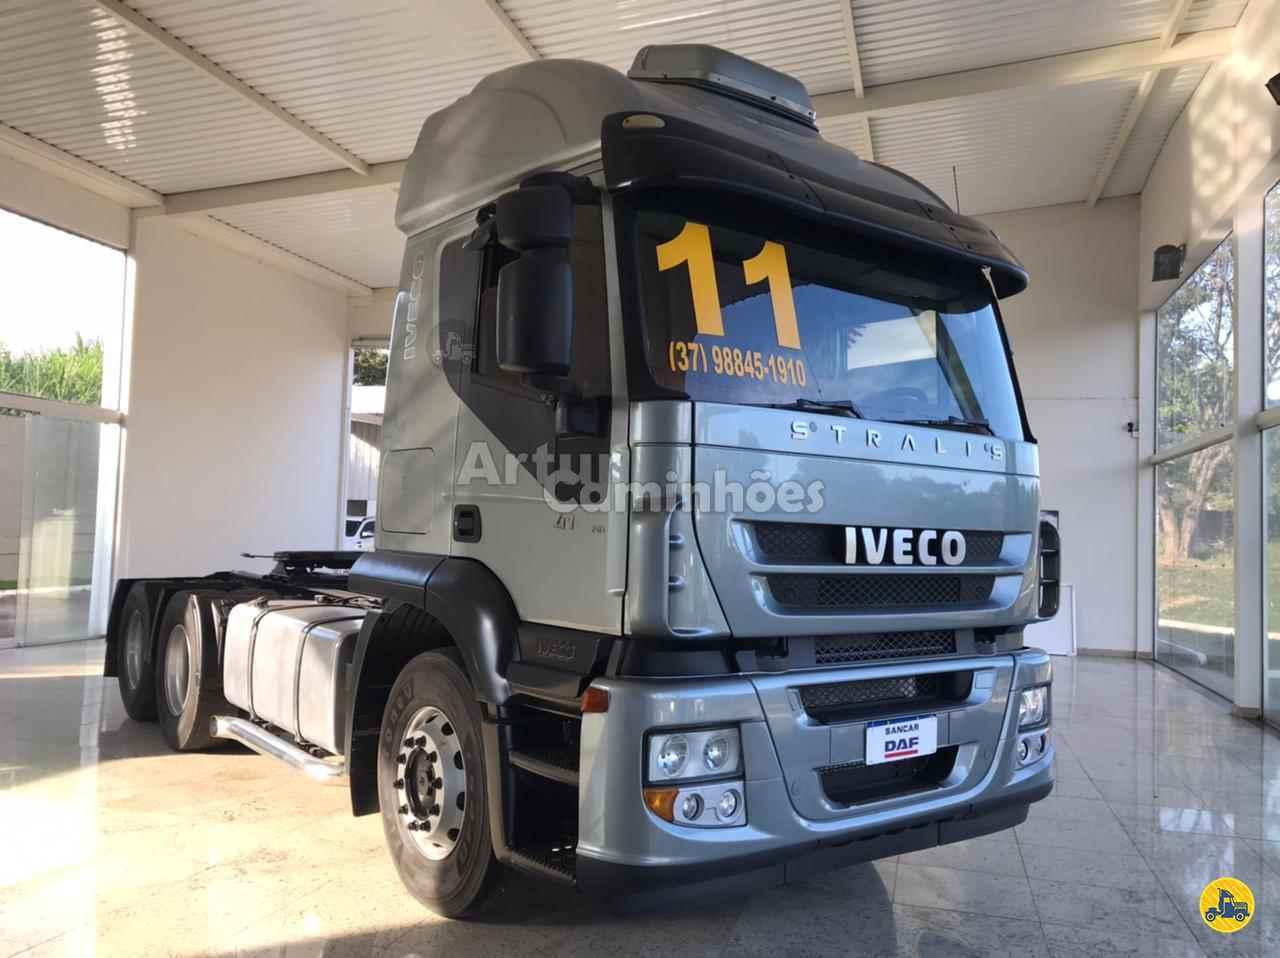 CAMINHAO IVECO STRALIS 410 Cavalo Mecânico Truck 6x2 Artur Caminhões DIVINOPOLIS MINAS GERAIS MG